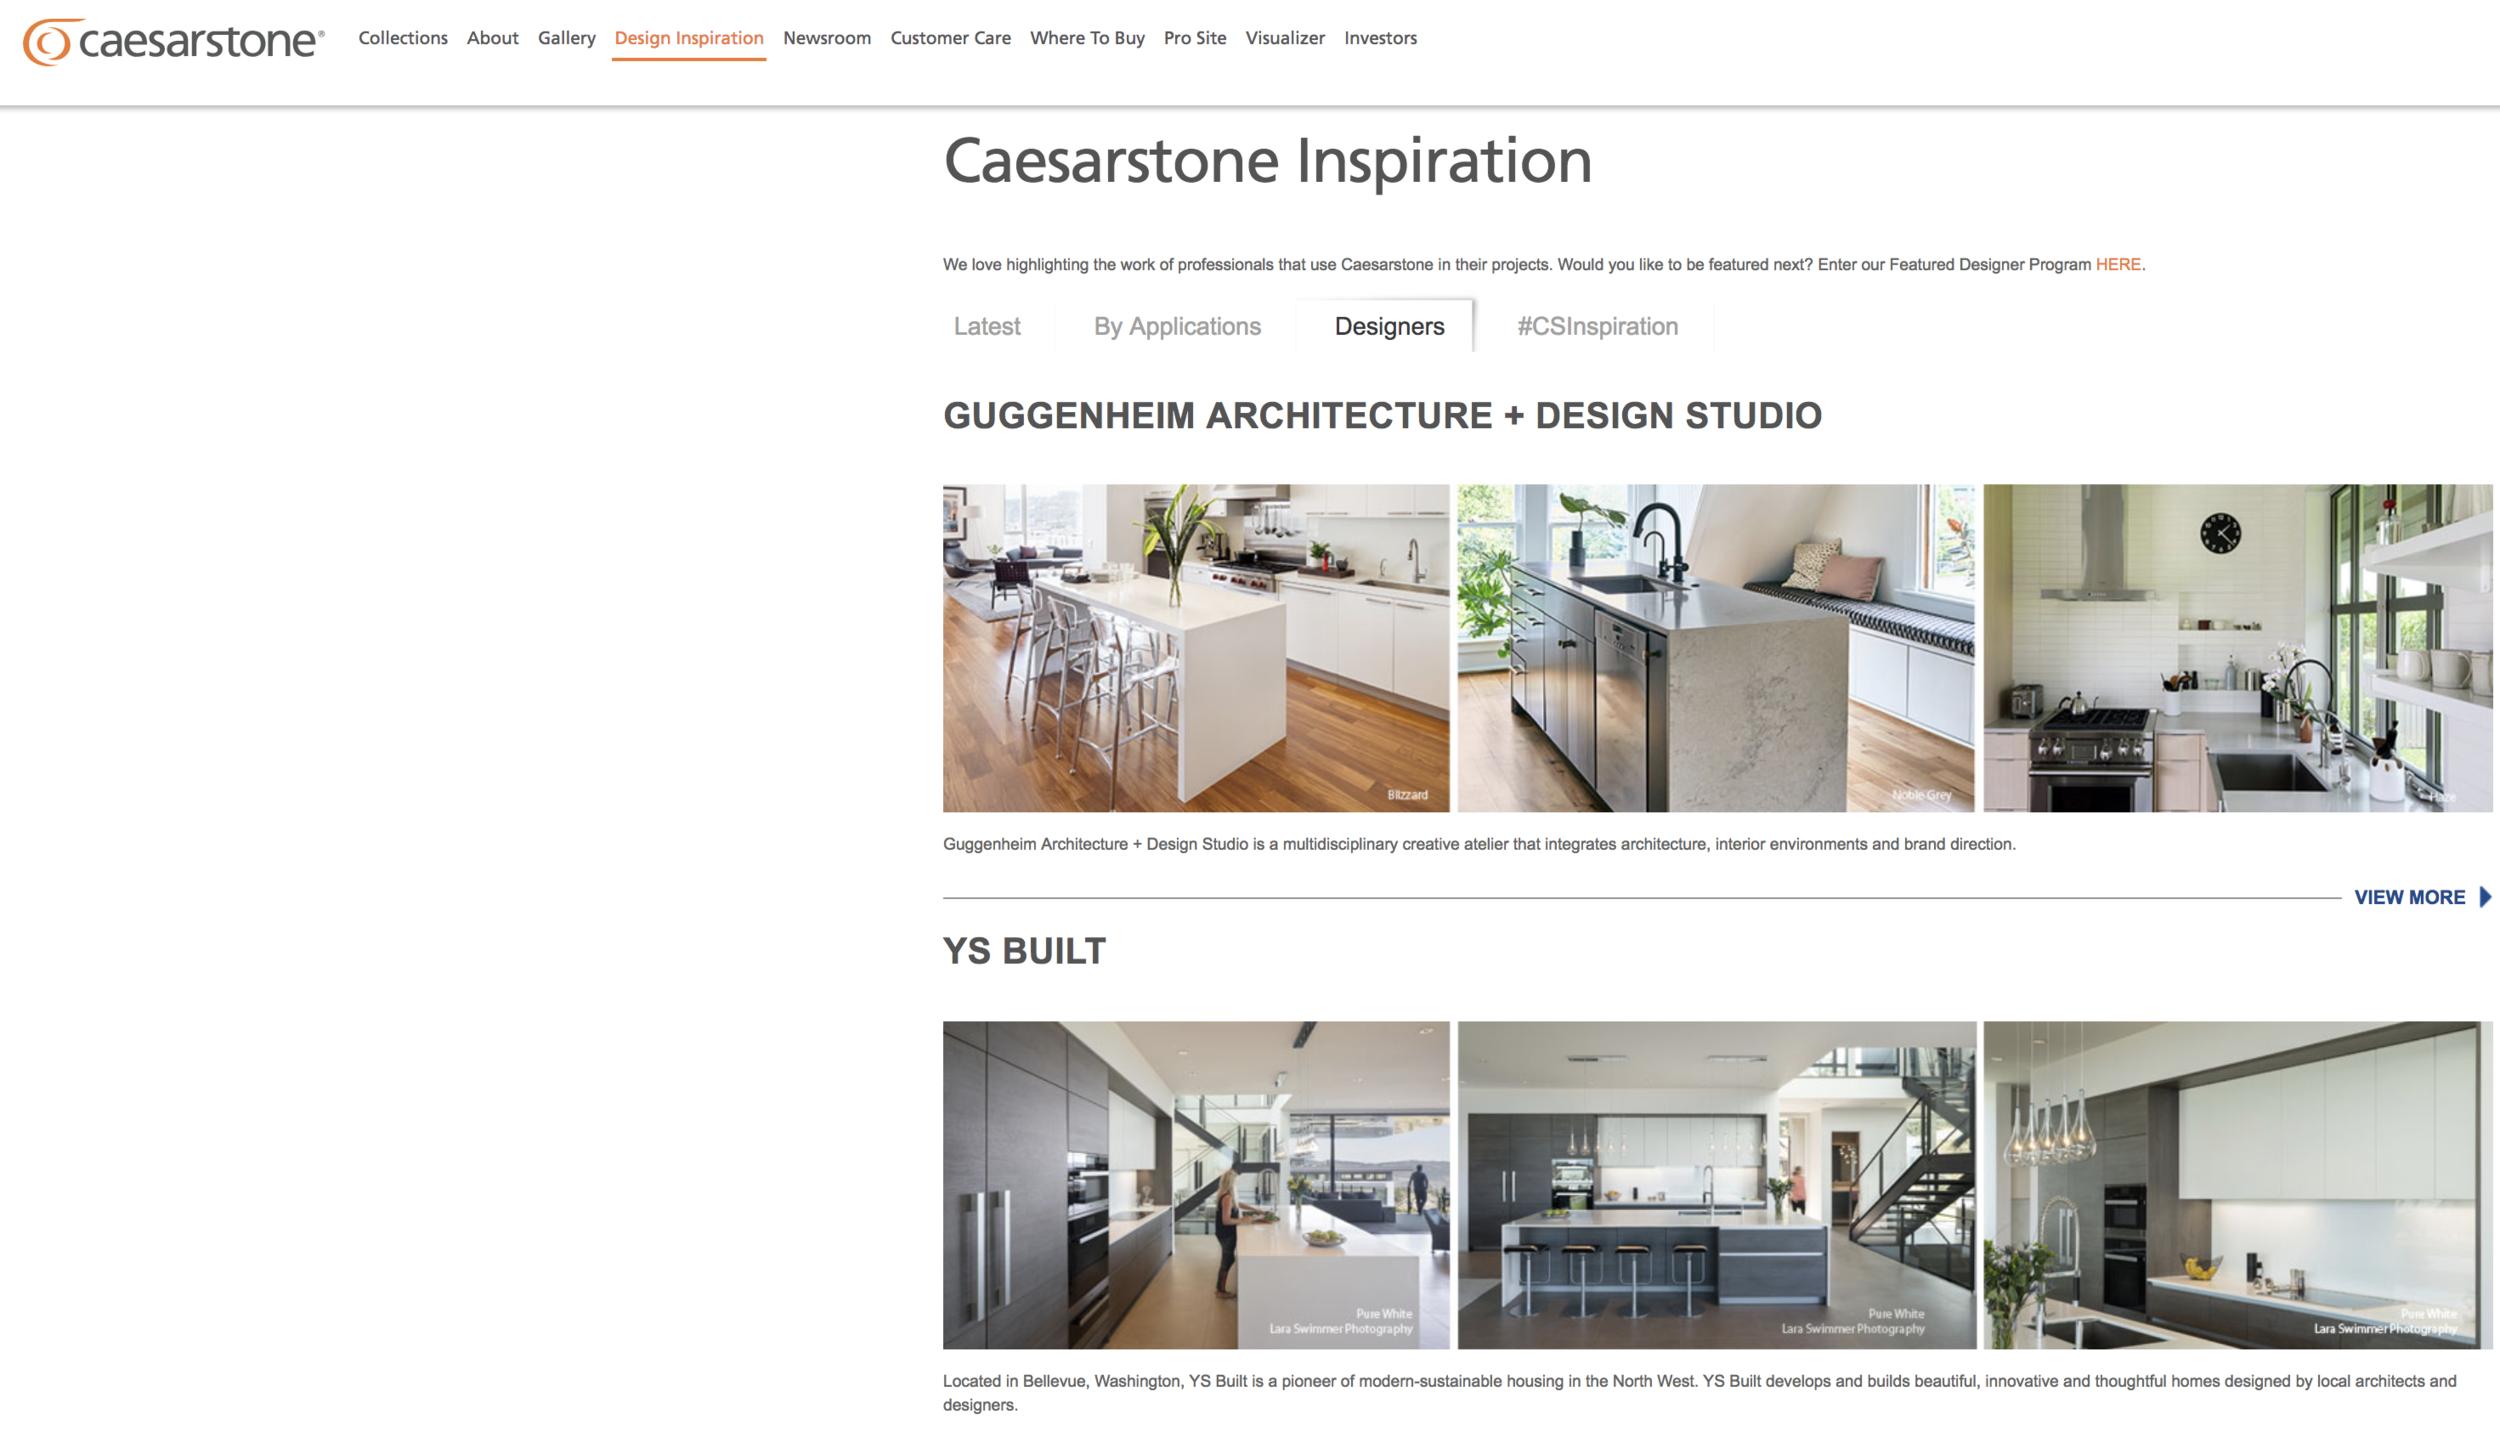 Caesarstone supports interior designers